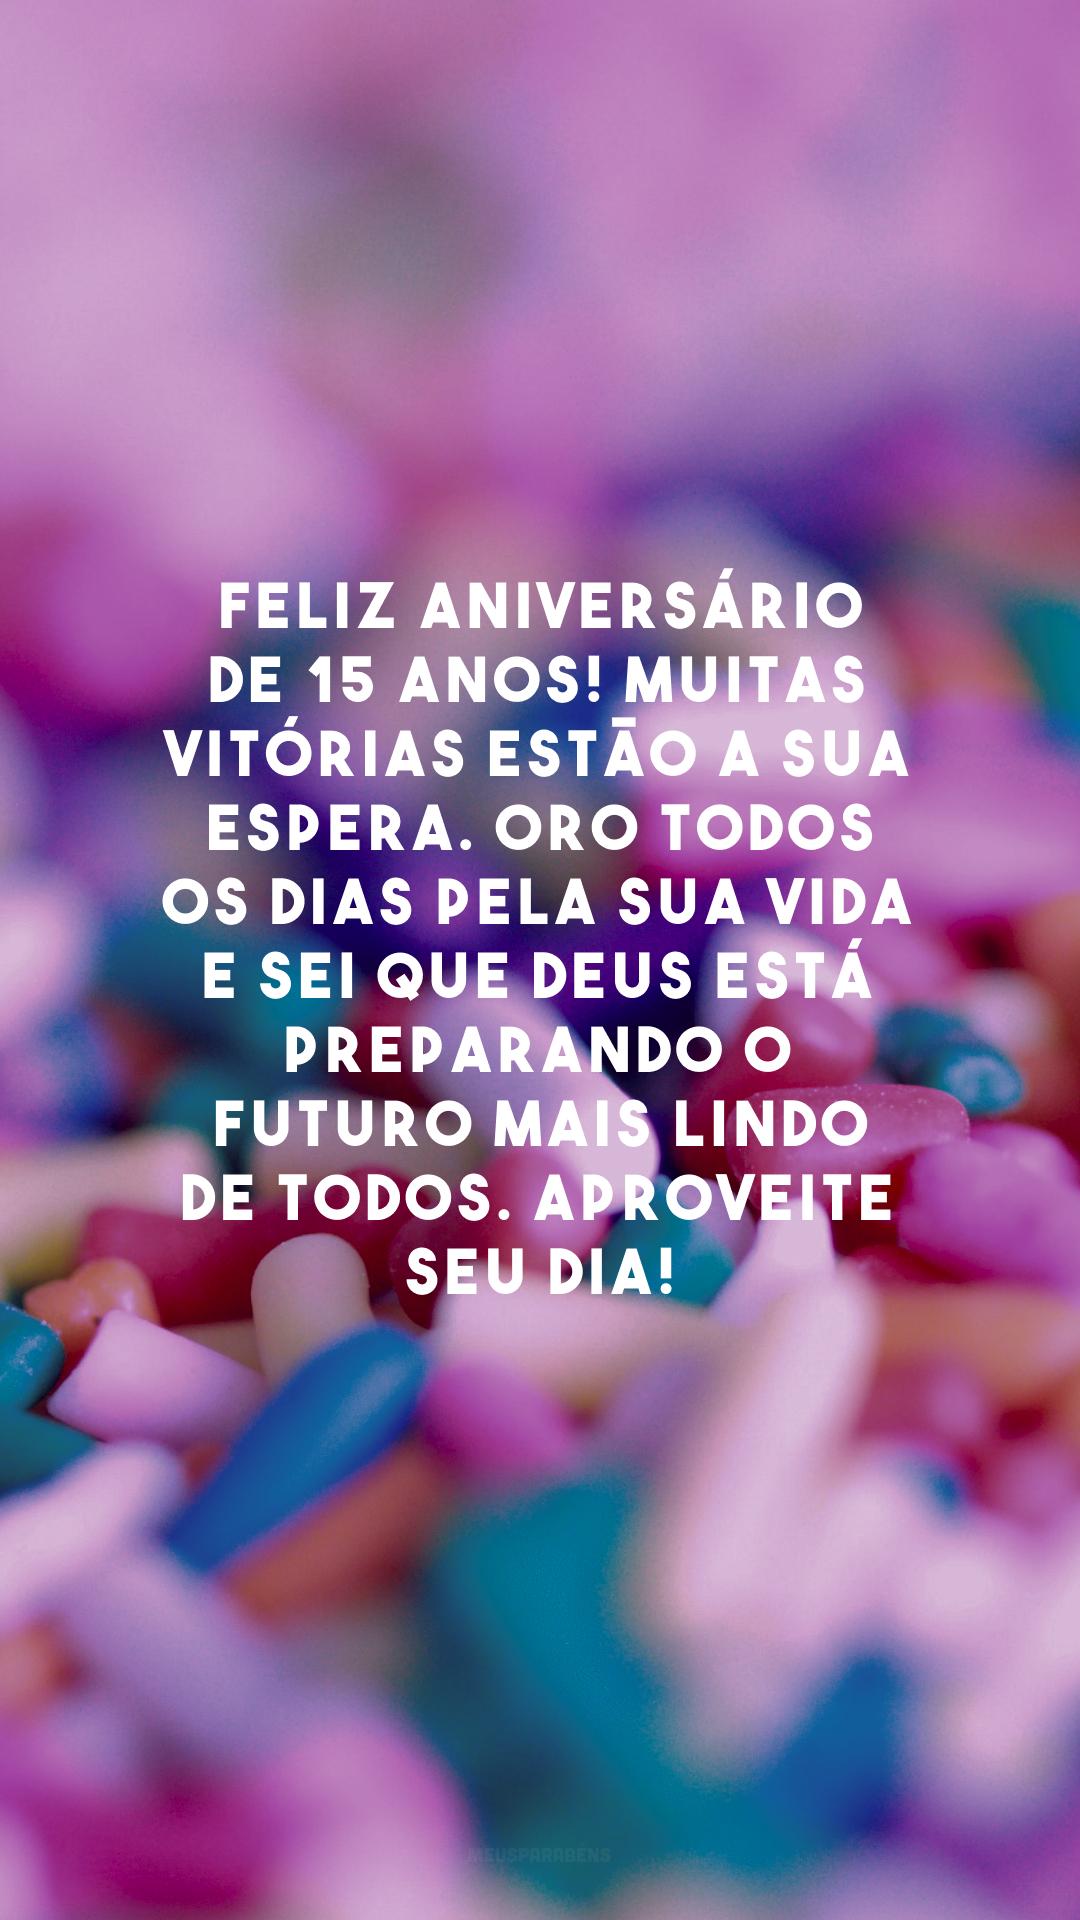 Feliz aniversário de 15 anos! Muitas vitórias estão a sua espera. Oro todos os dias pela sua vida e sei que Deus está preparando o futuro mais lindo de todos. Aproveite seu dia!